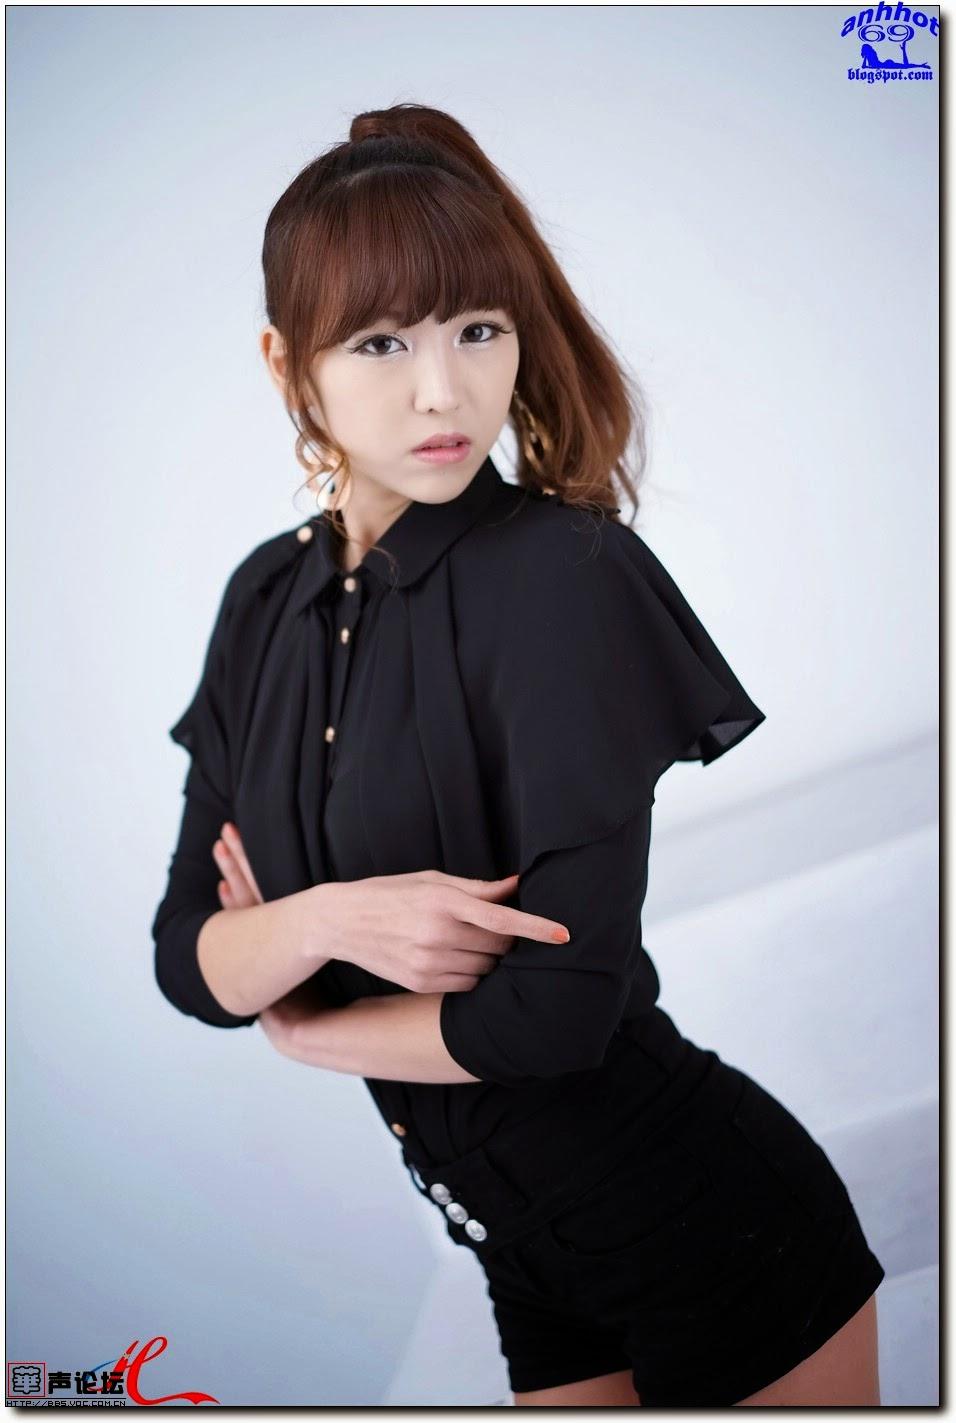 Lee-Eun-Hye_a03_1(49)